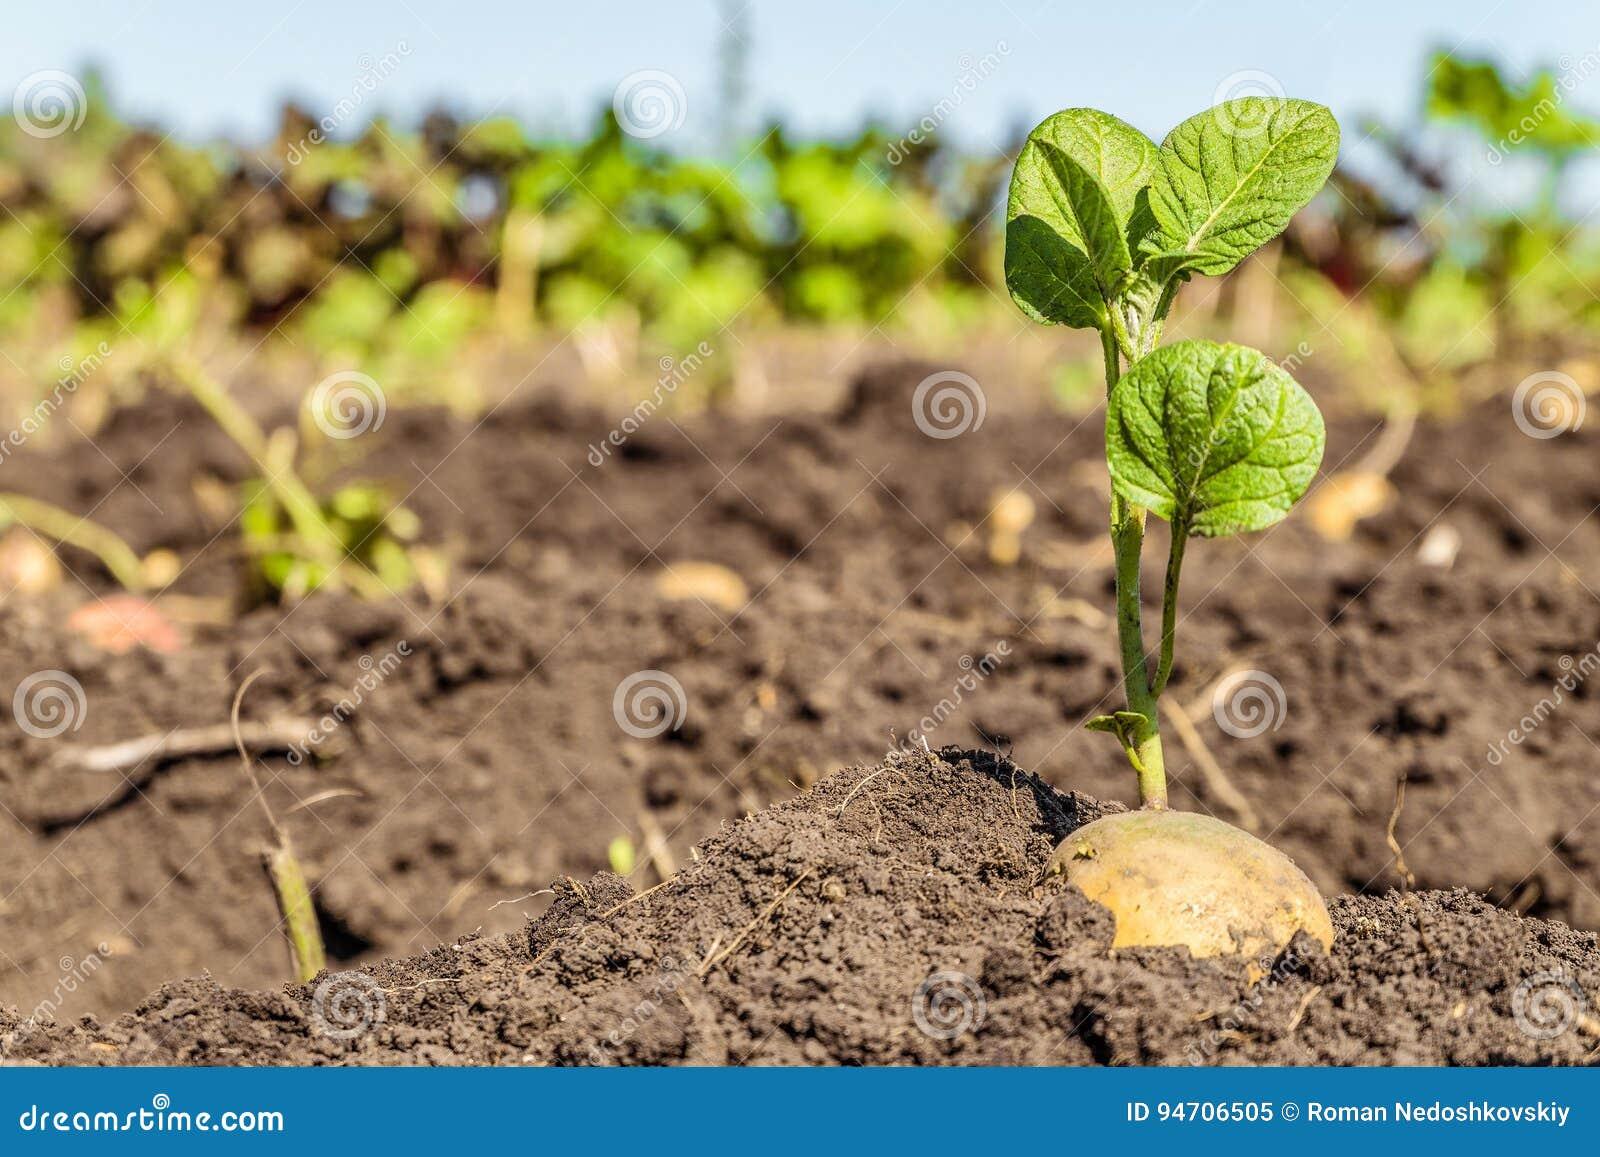 发芽的土豆肿胀 土豆种子绿色射击在种植园的背景的